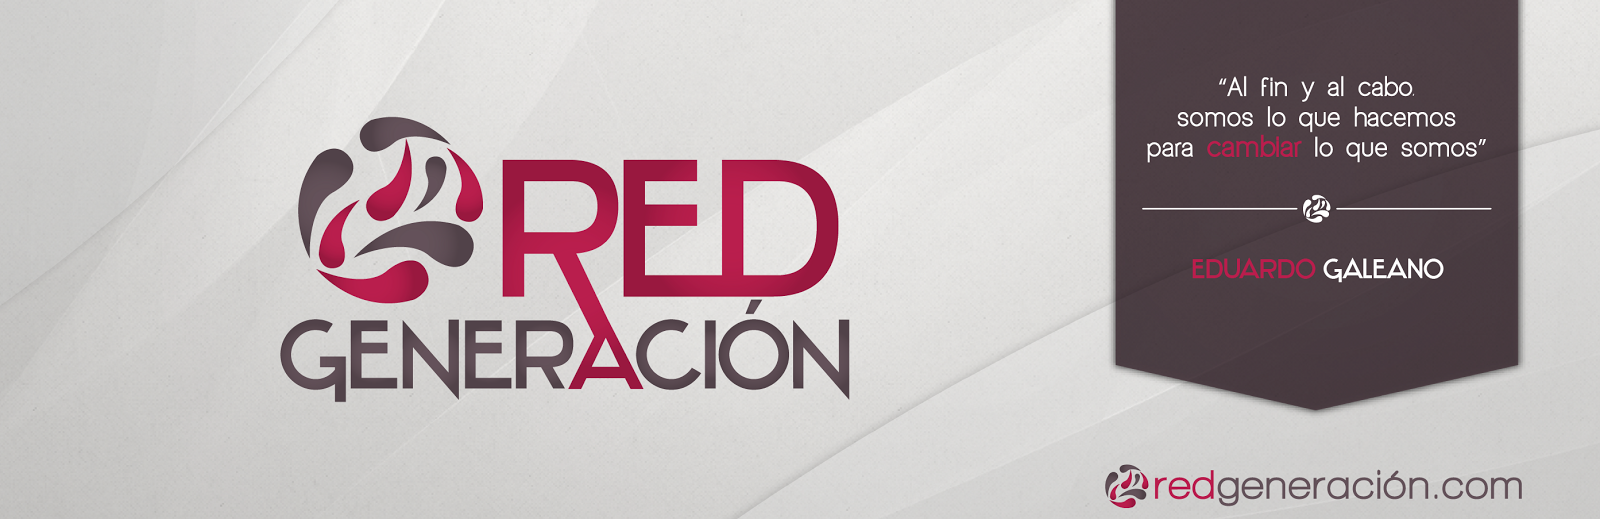 Red Generación